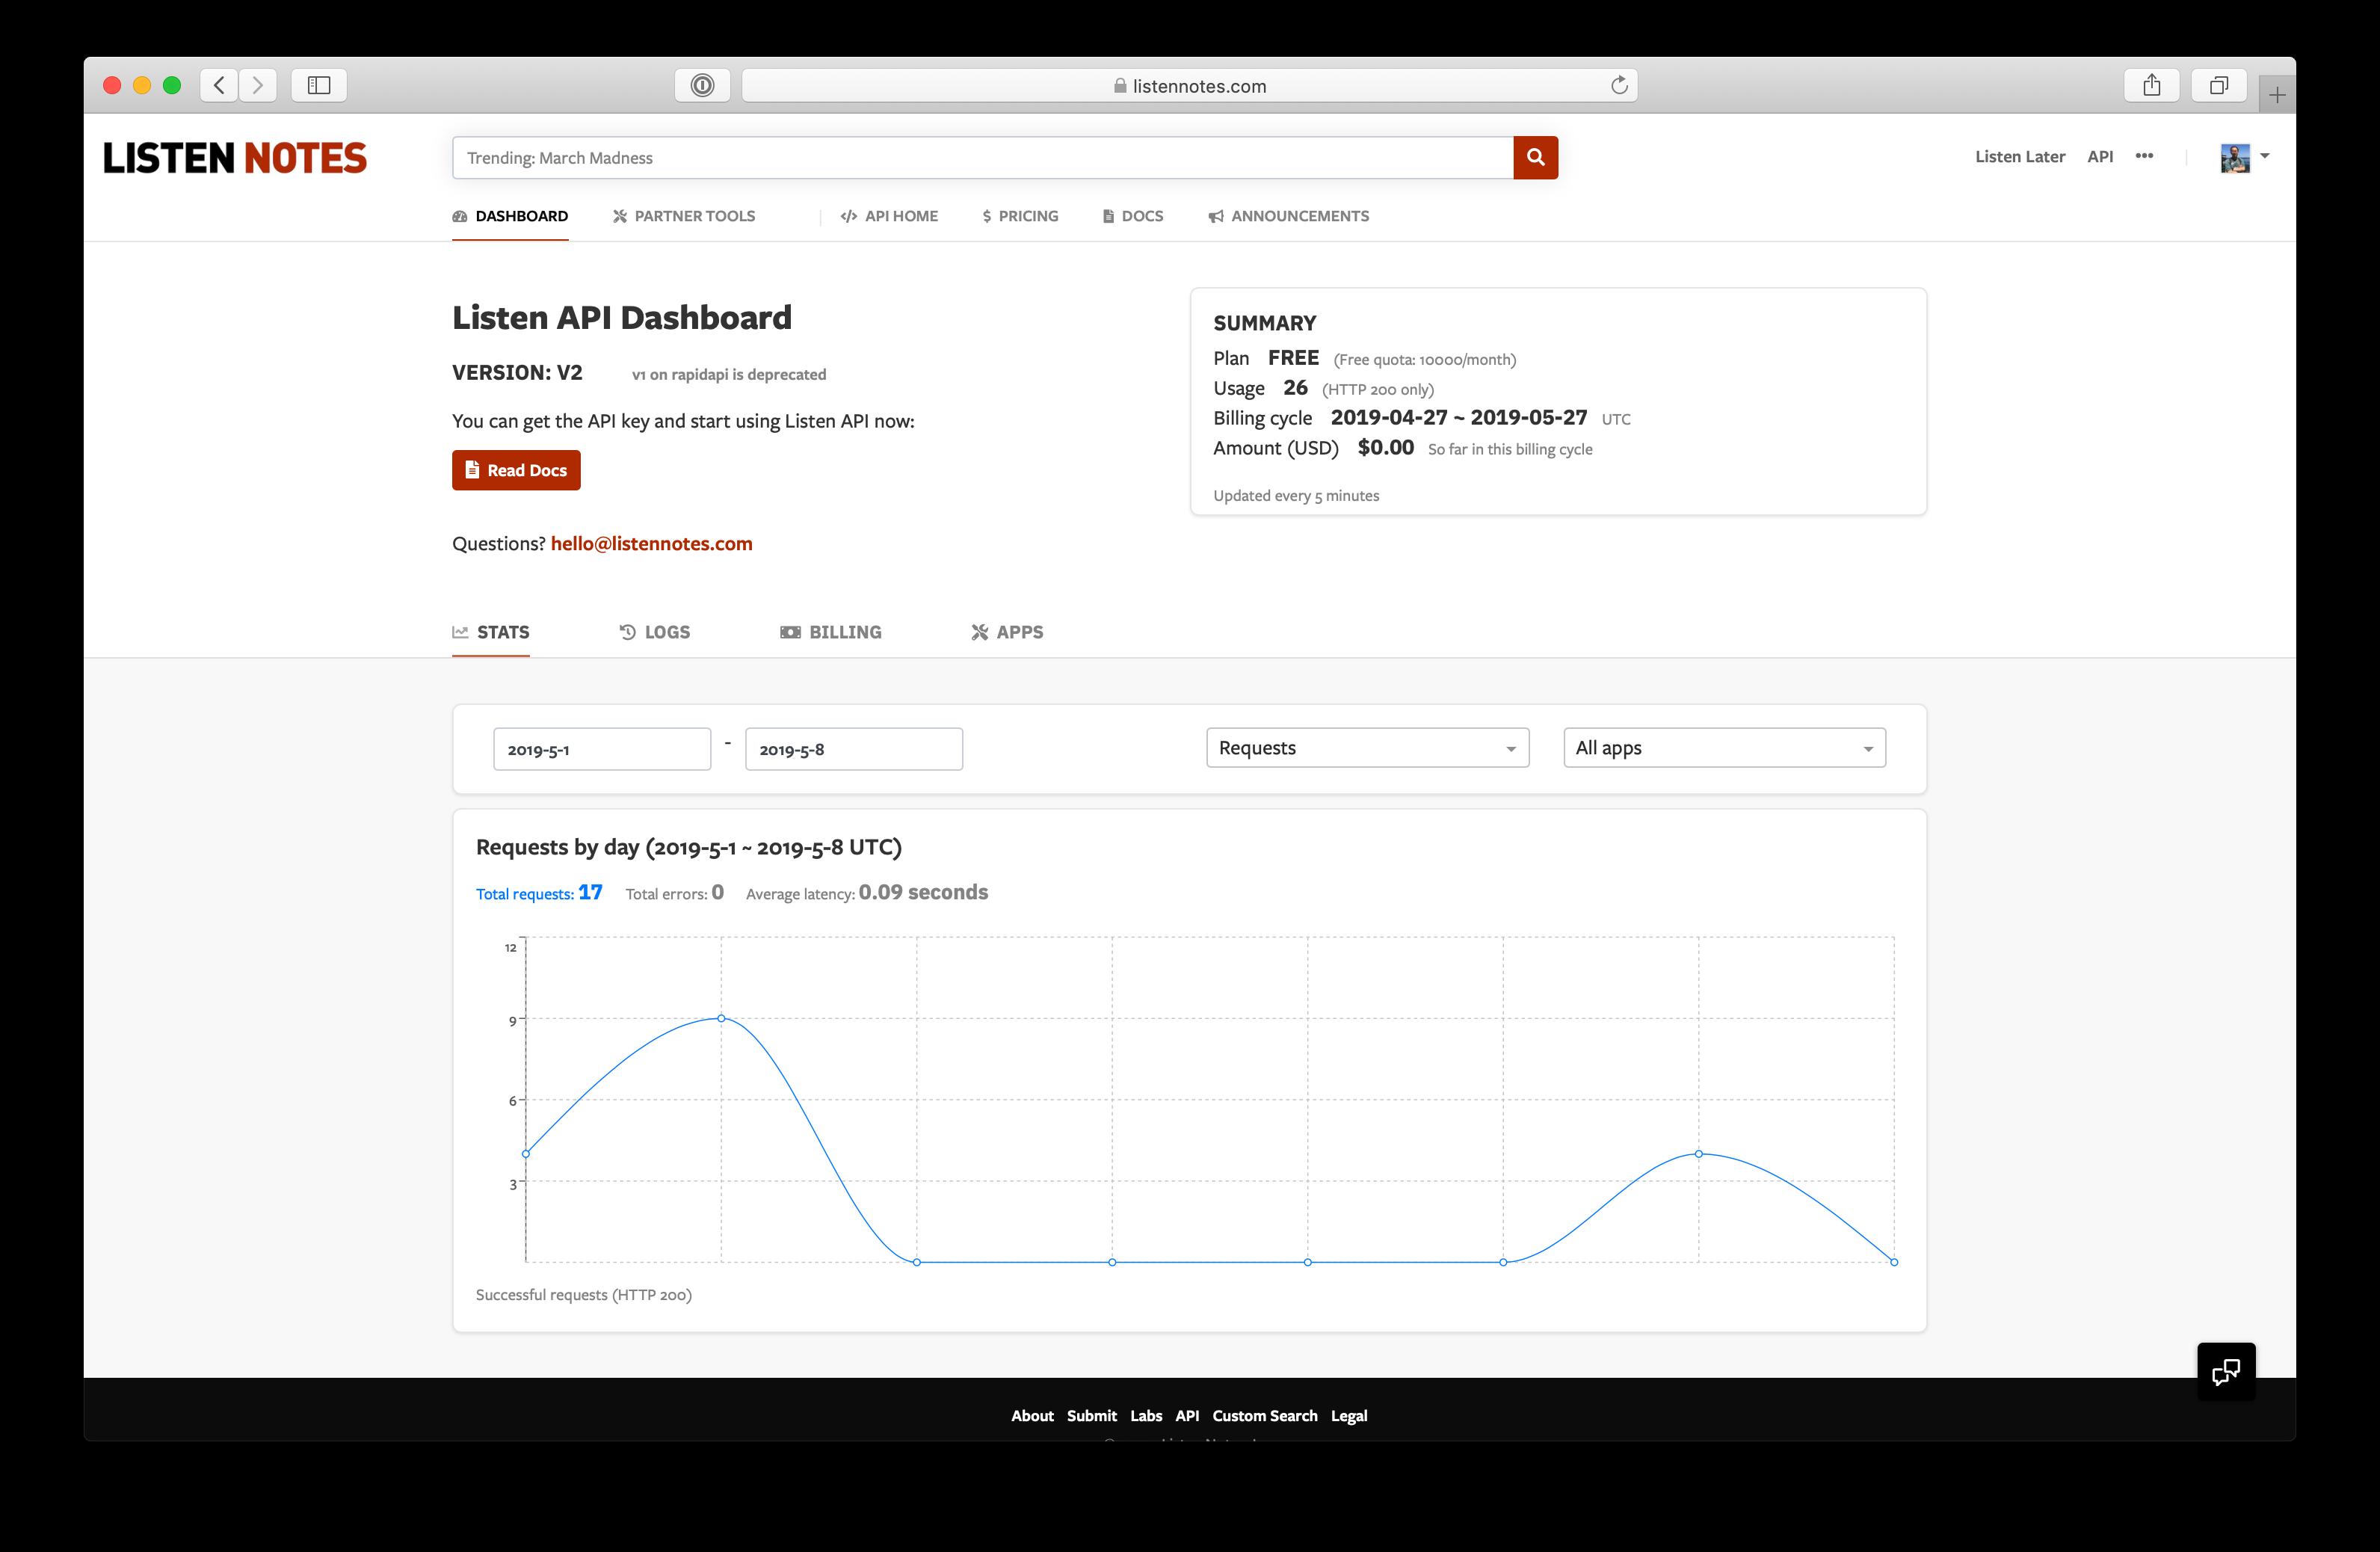 Listen API dashboard